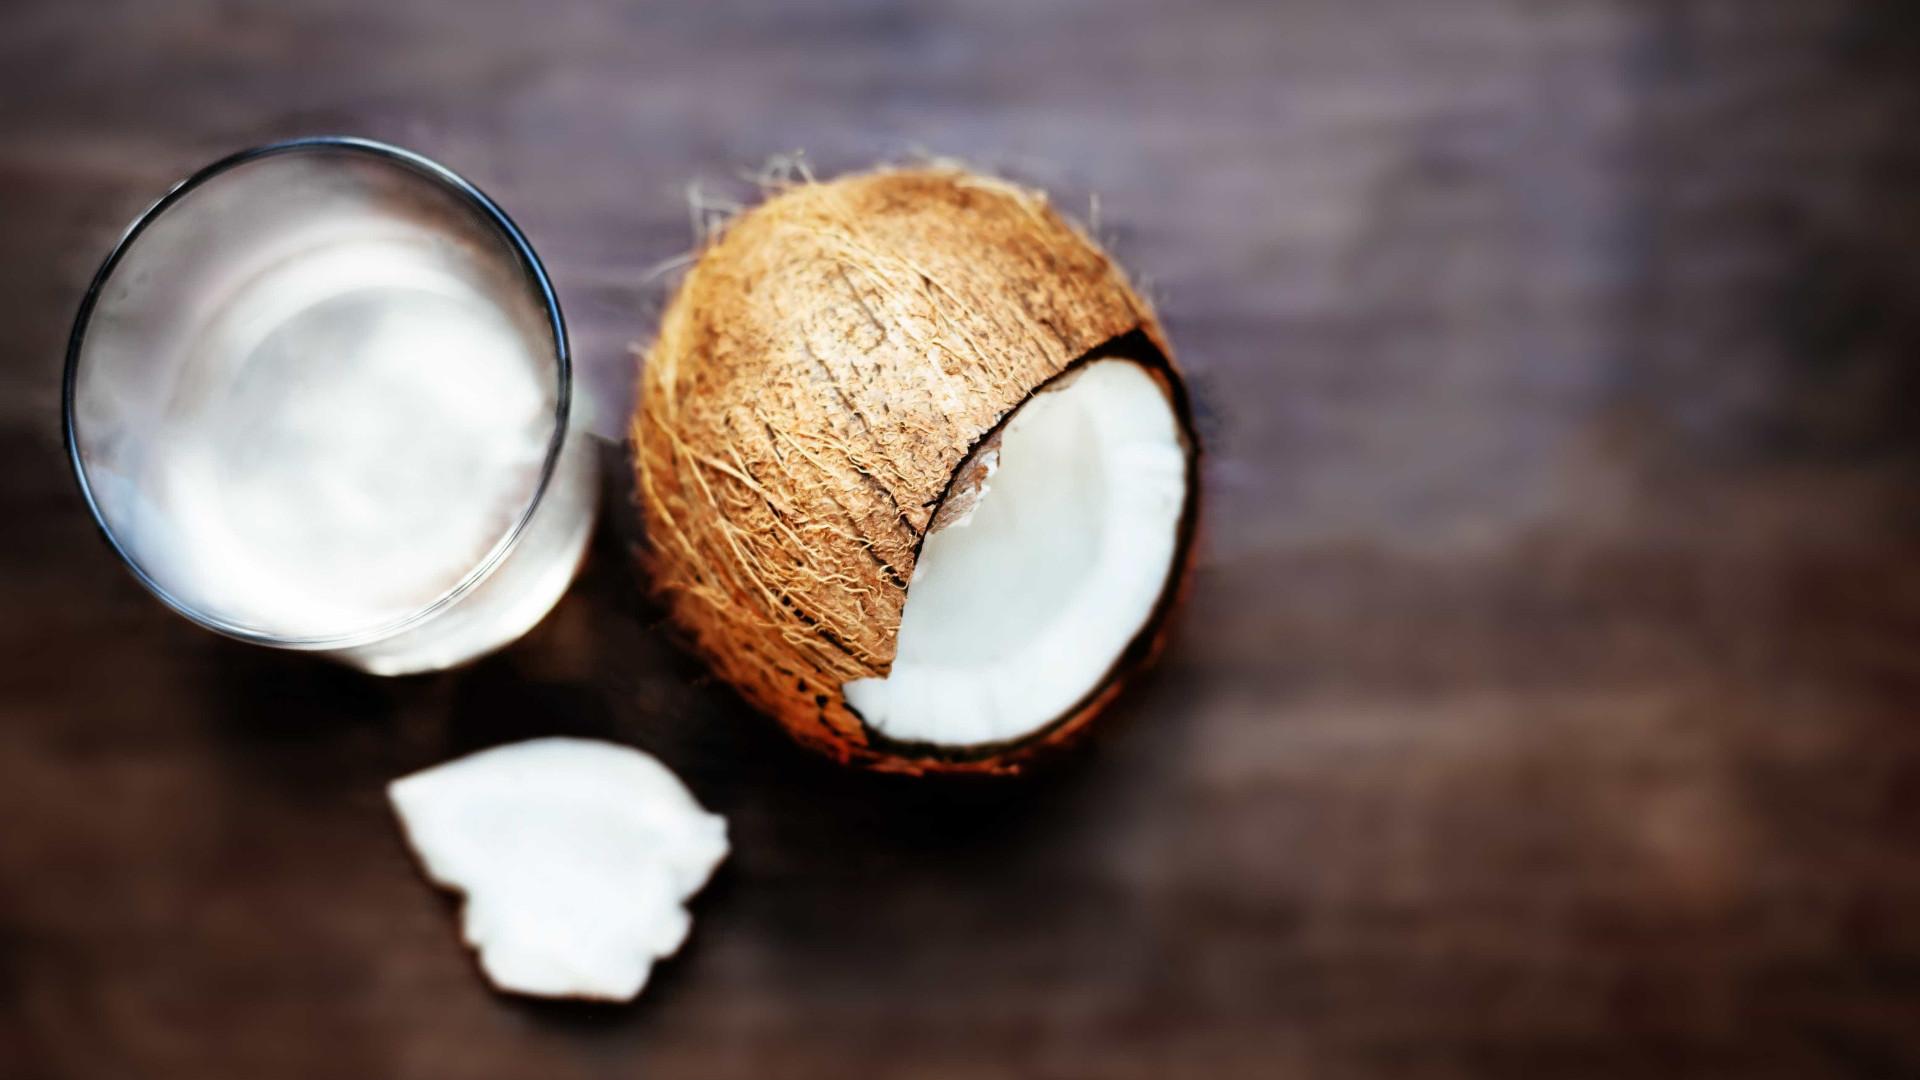 De desodorizante à limpeza do WC. Os vários usos do óleo de coco